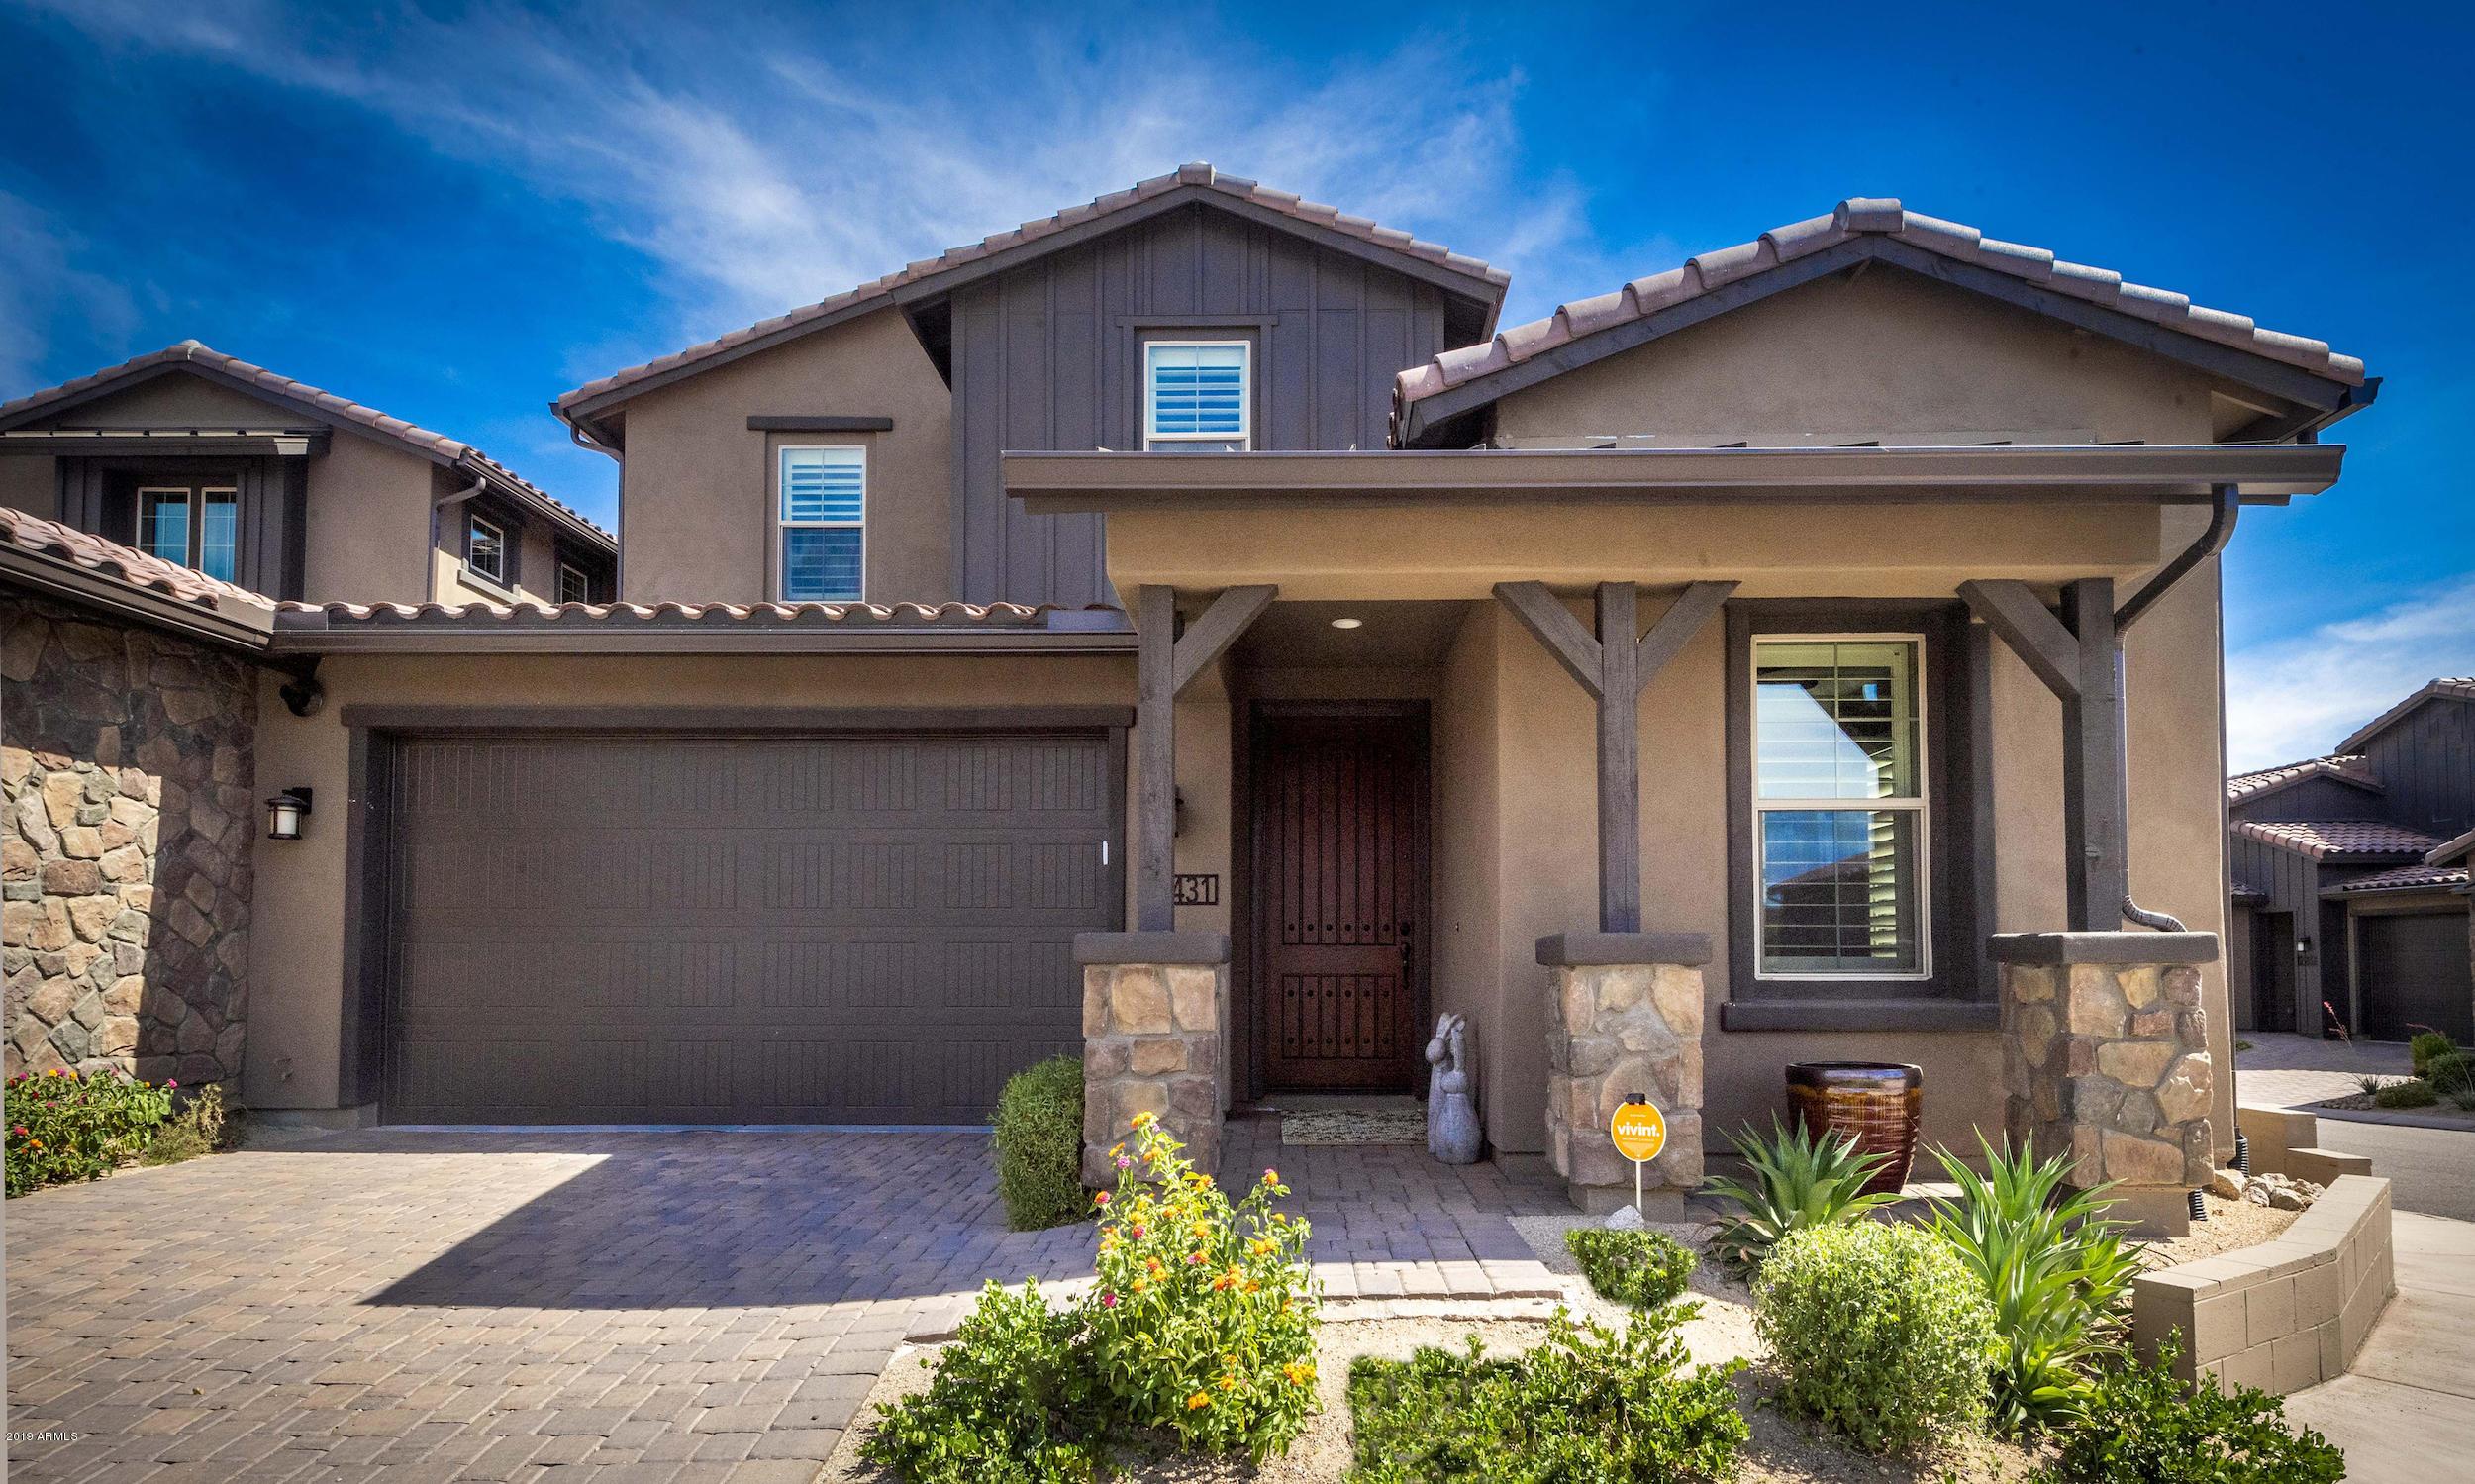 Photo of 10431 E SUMMIT PEAK Way, Scottsdale, AZ 85262